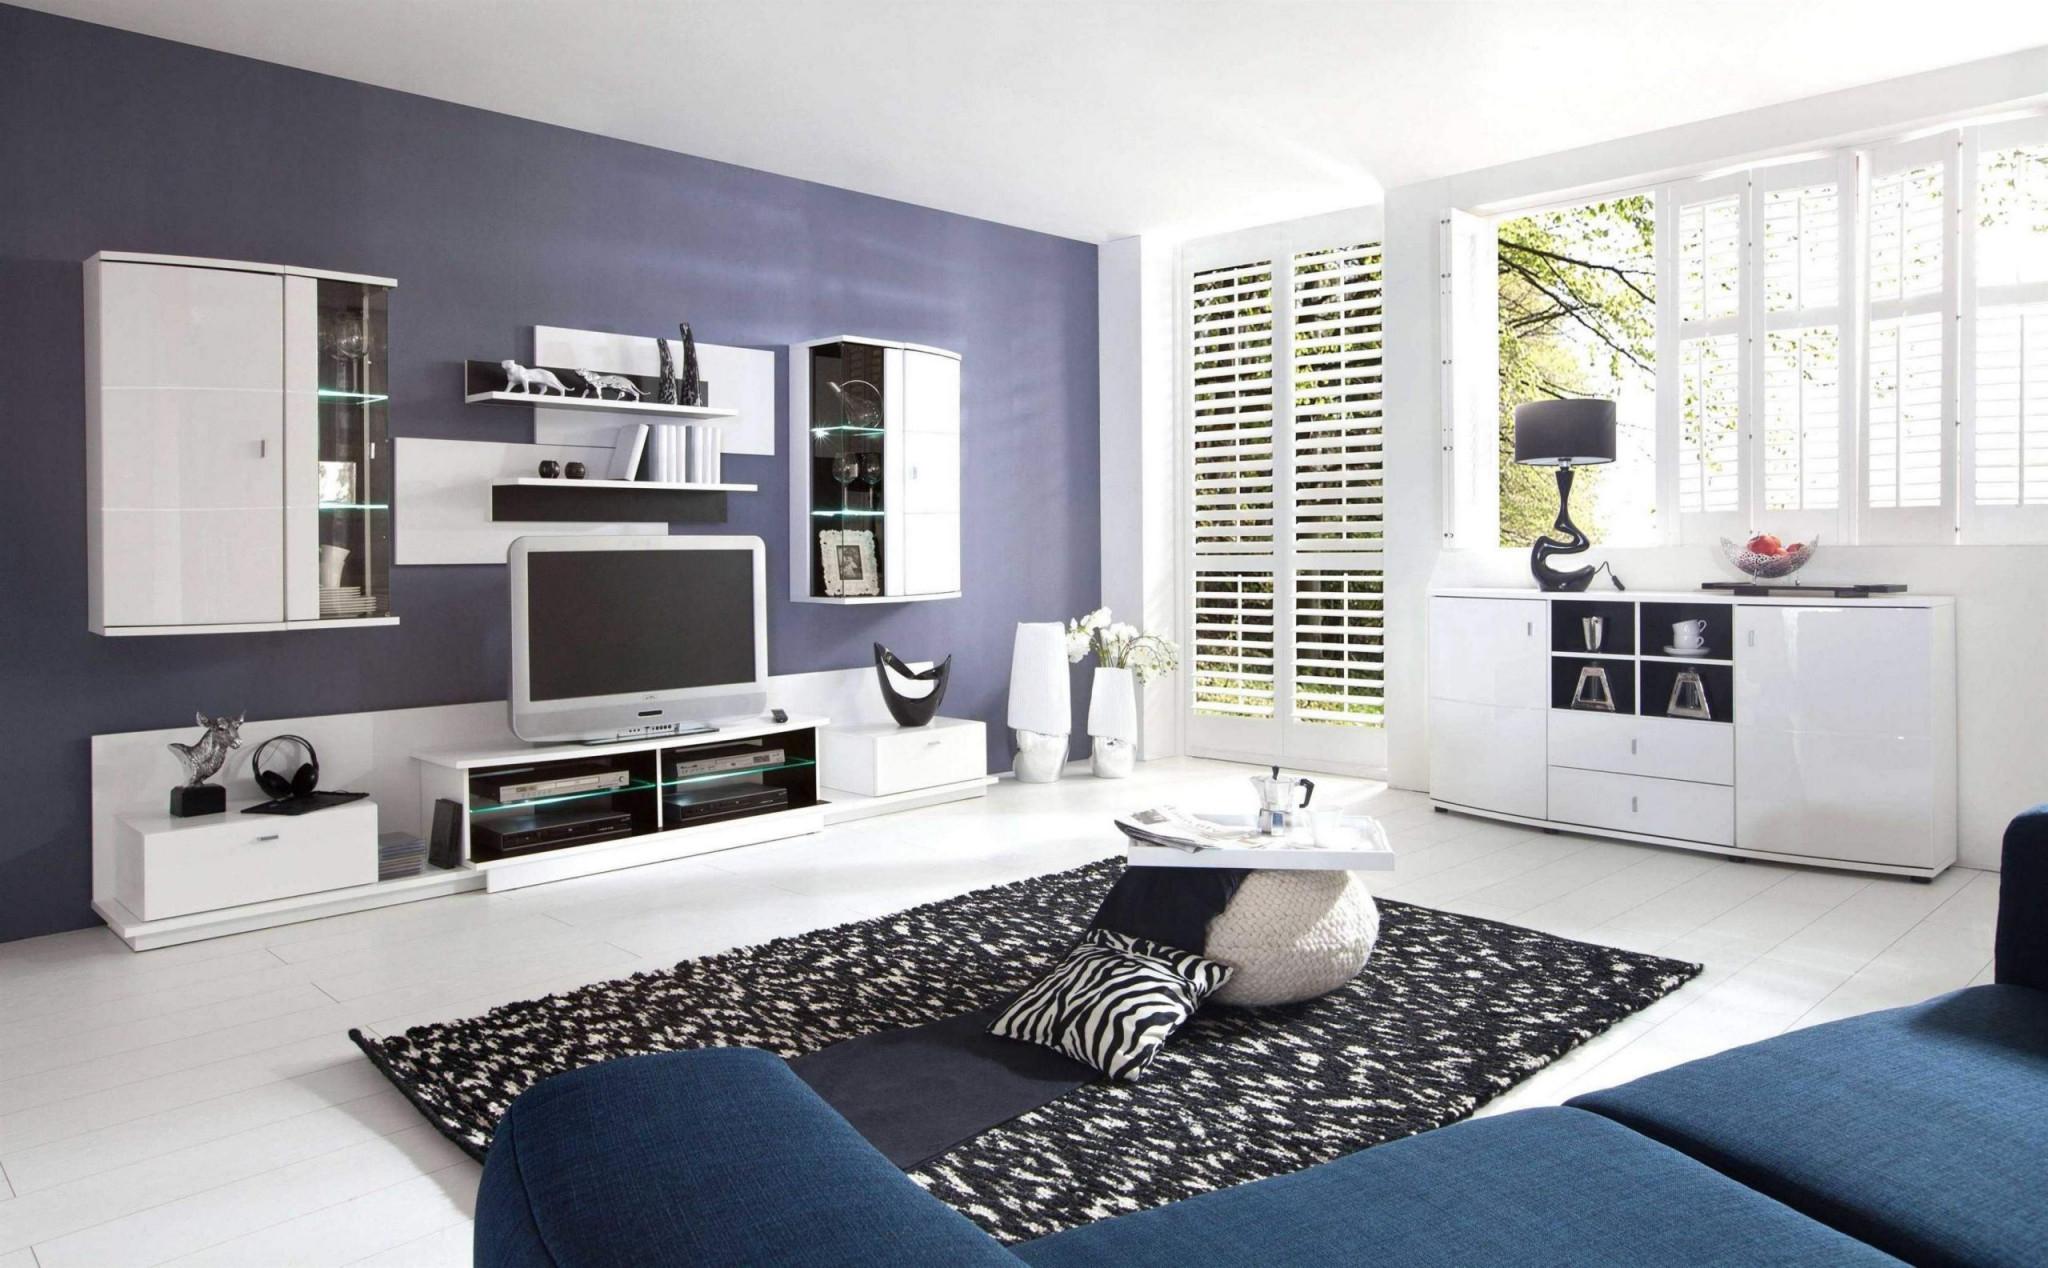 38 Genial Schöne Tapeten Fürs Wohnzimmer Das Beste Von von Schöne Tapeten Fürs Wohnzimmer Photo